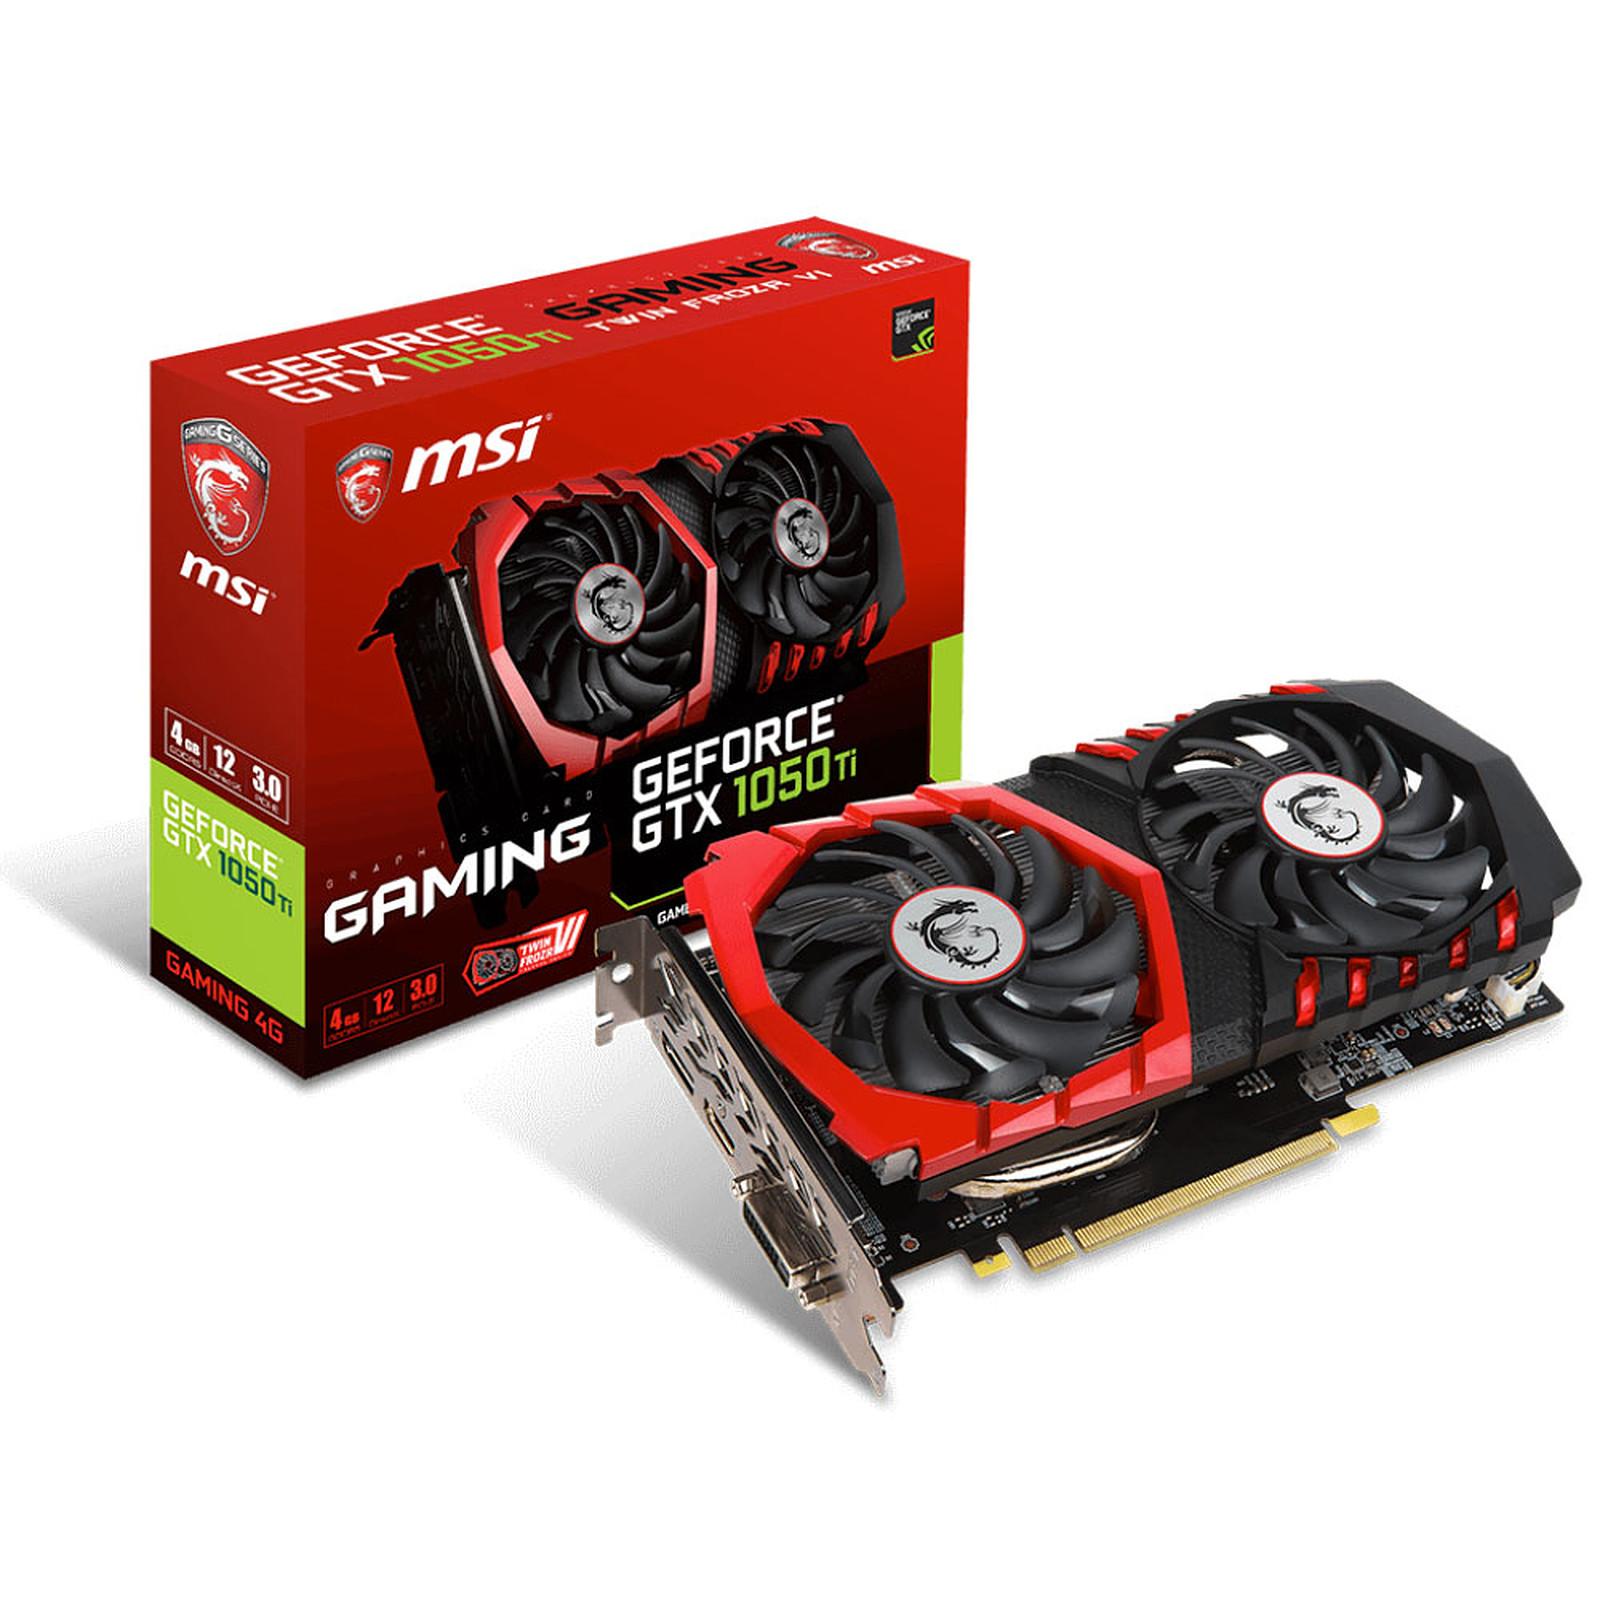 MSI GeForce GTX 1050 Ti GAMING 4G